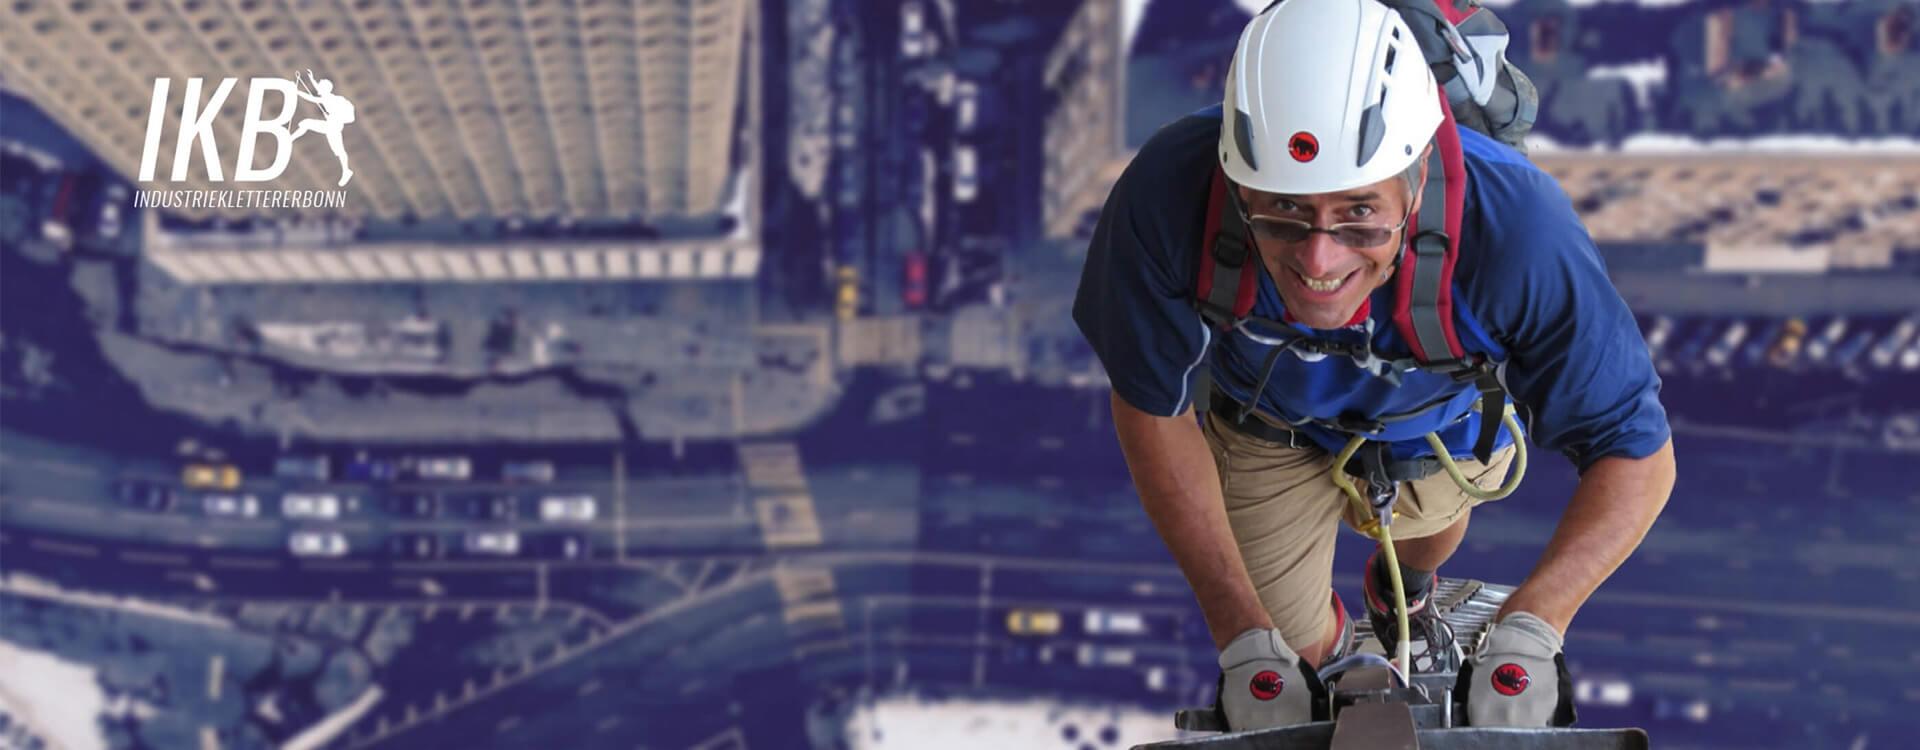 Layout und Konzept auf Shopware 5 der E-Commerce-Agentur: BS-Style GmbH. Darstellung eines Mannes, kletternd an einer hohen Außenfassade.